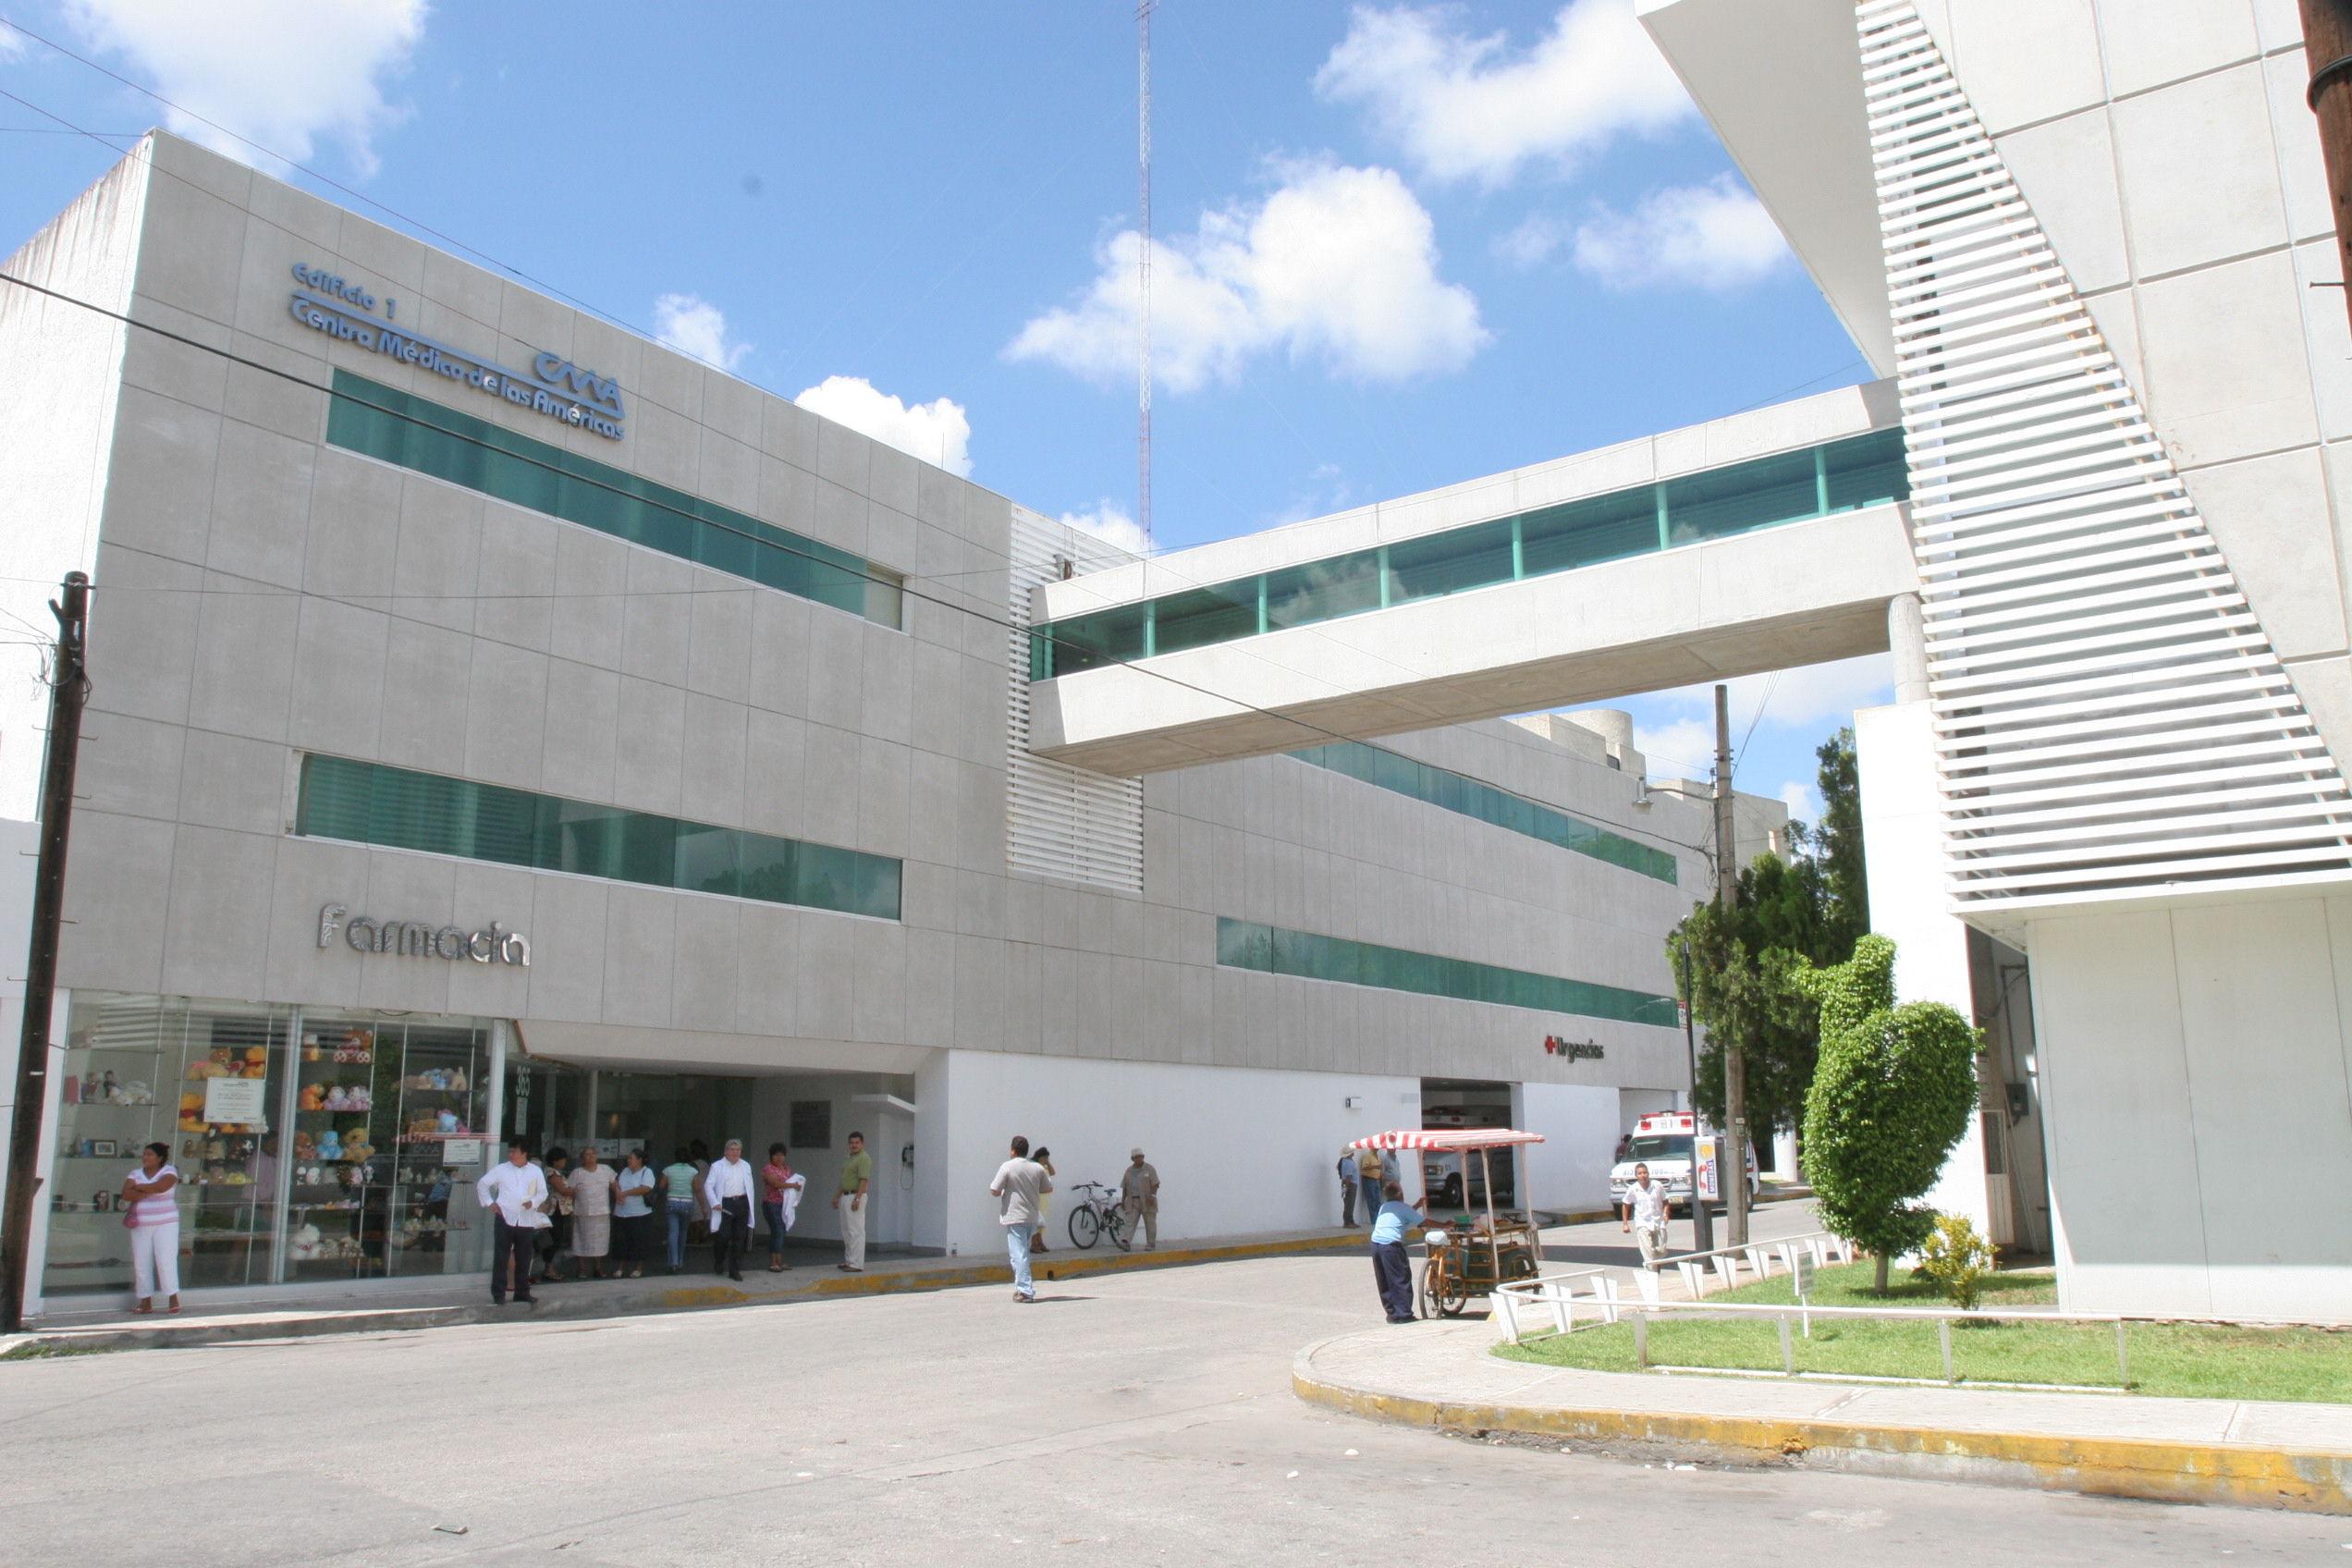 2007-10-12_Suplemento_Centro_Médico_de_las_Américas._Fachada_del_edificio_del_CMA,_con_el_moderno_pu